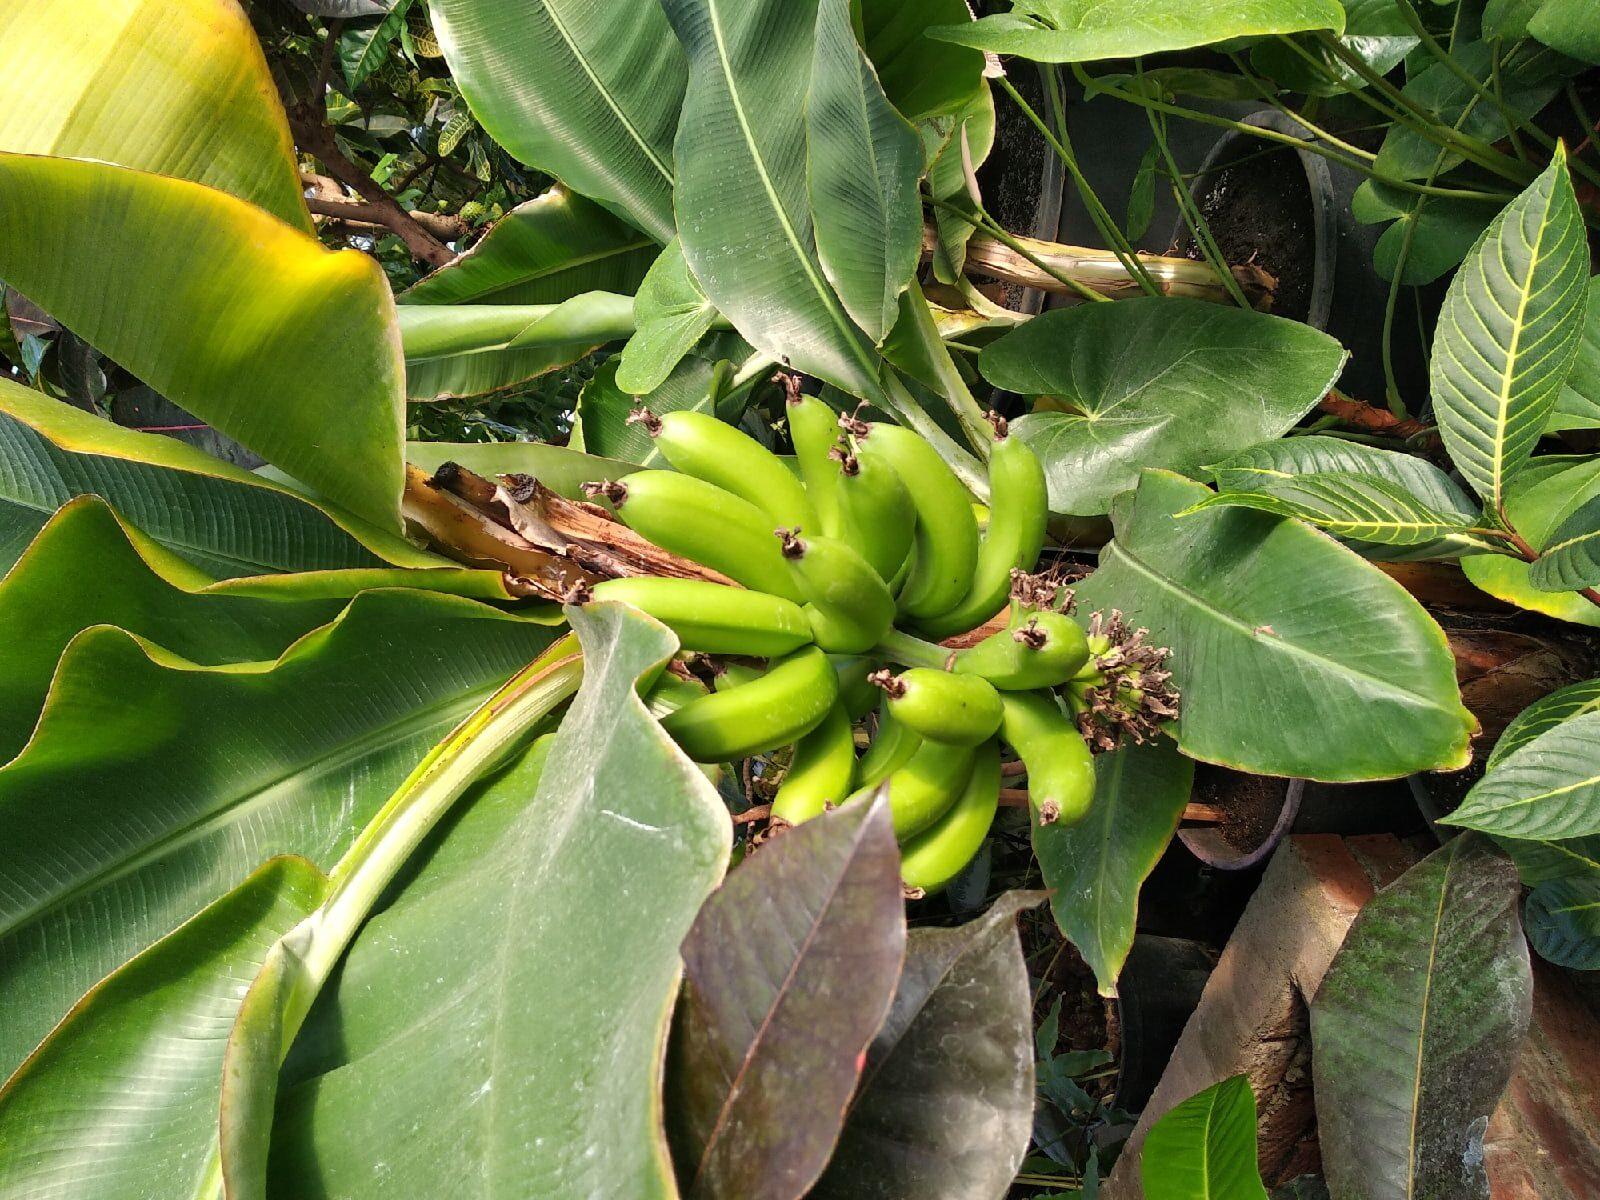 В ботаническому саду Йошкар-Олы выросли бананы сразу на двух пальмах